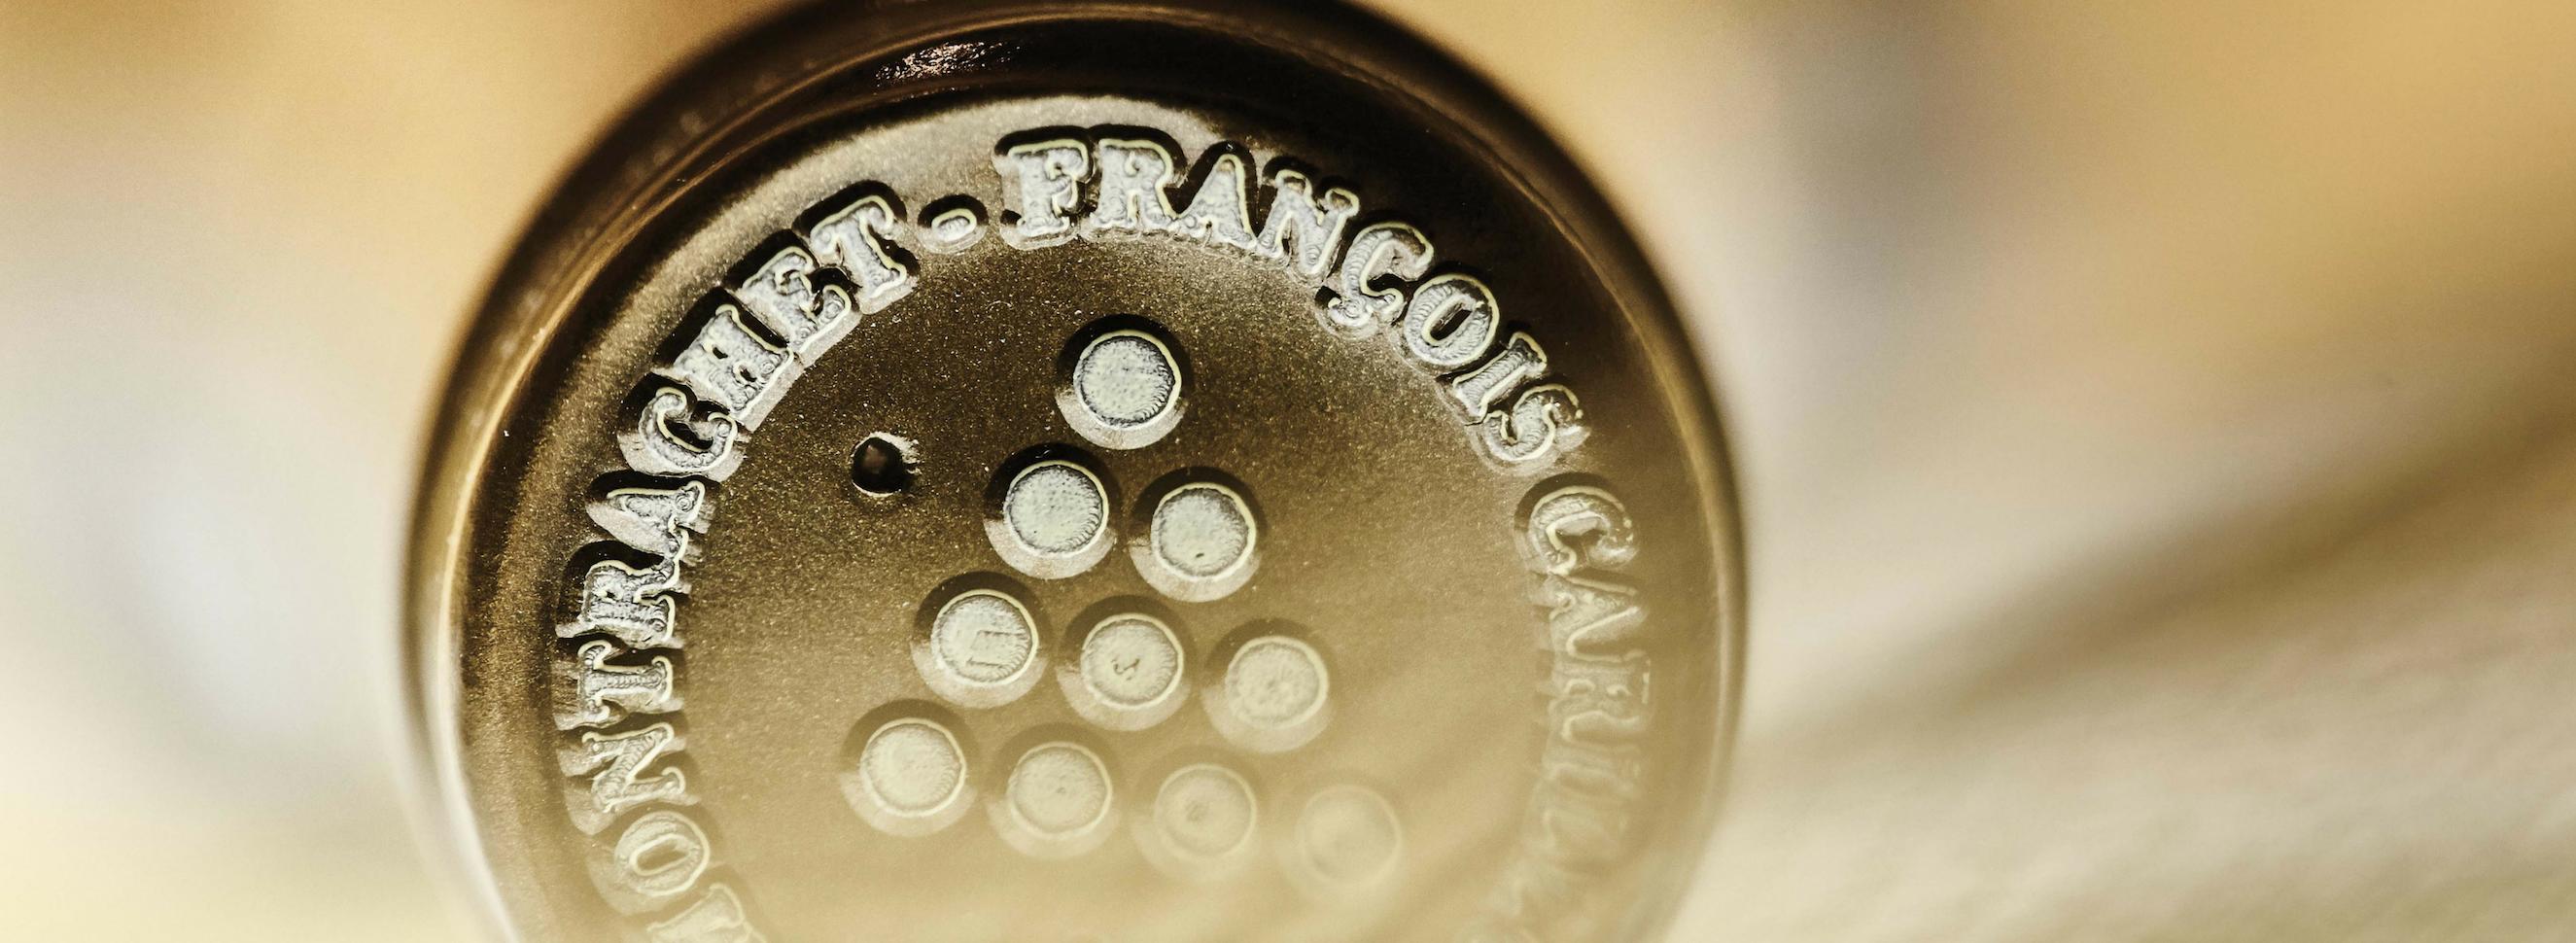 Domaine François Carillon: 2017 vintage release